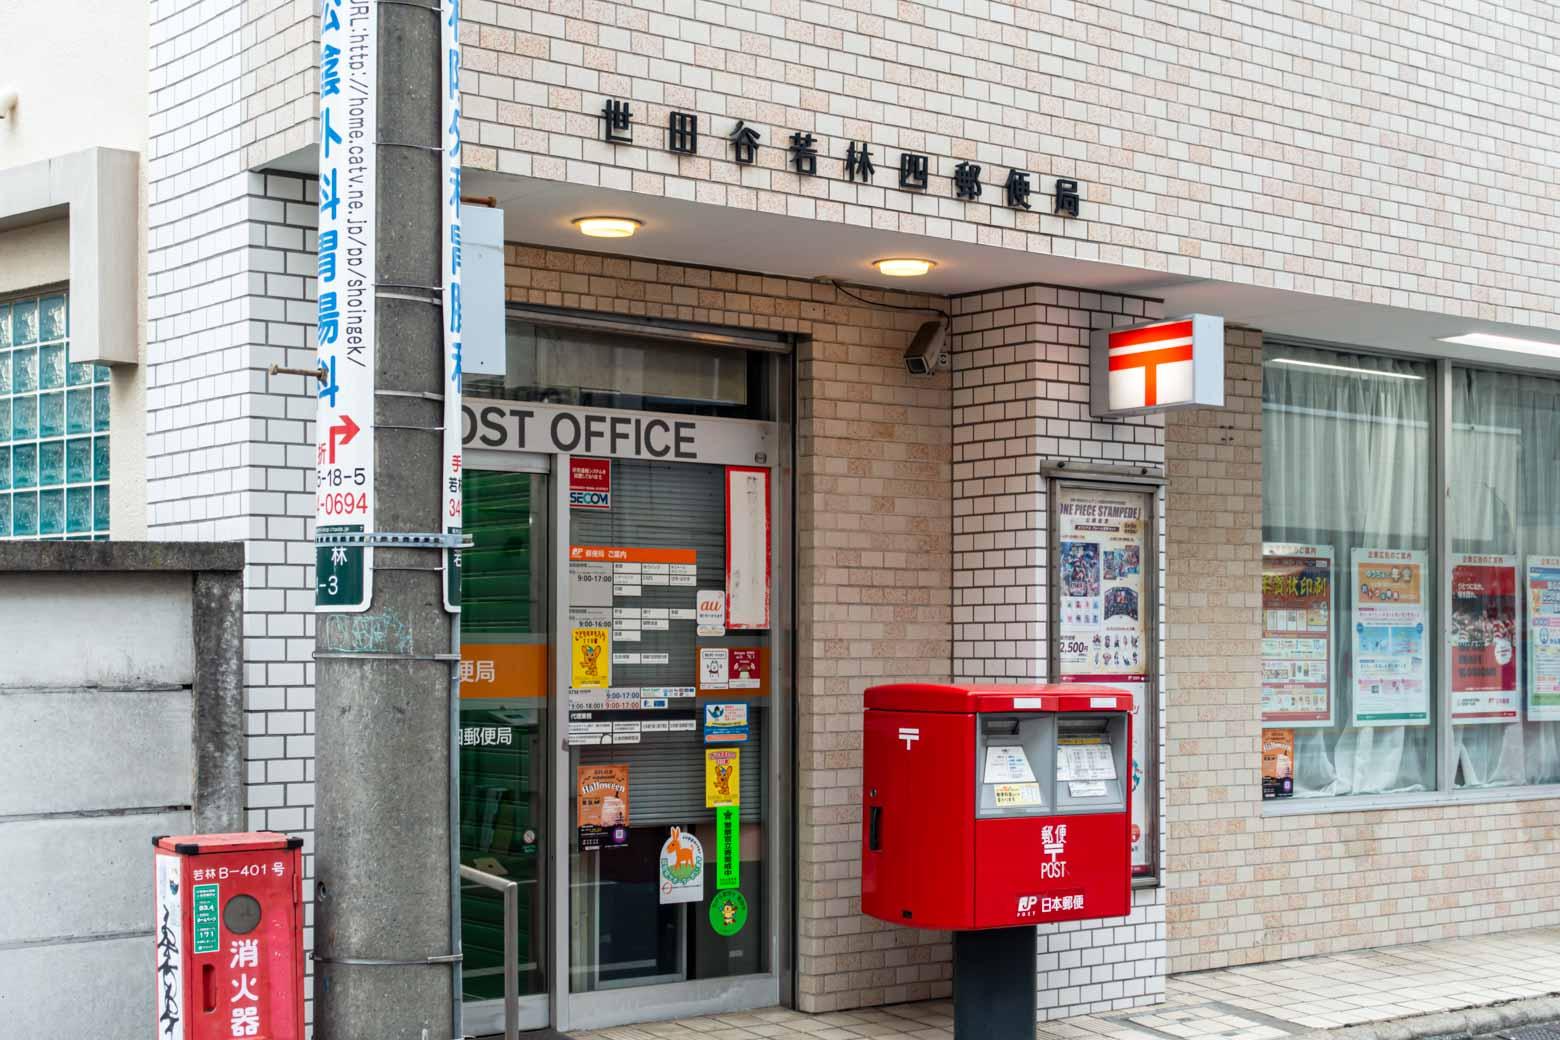 個人的に嬉しいなと思ったのが、駅のすぐ近くに郵便局があるところ。かなりの高得点です。